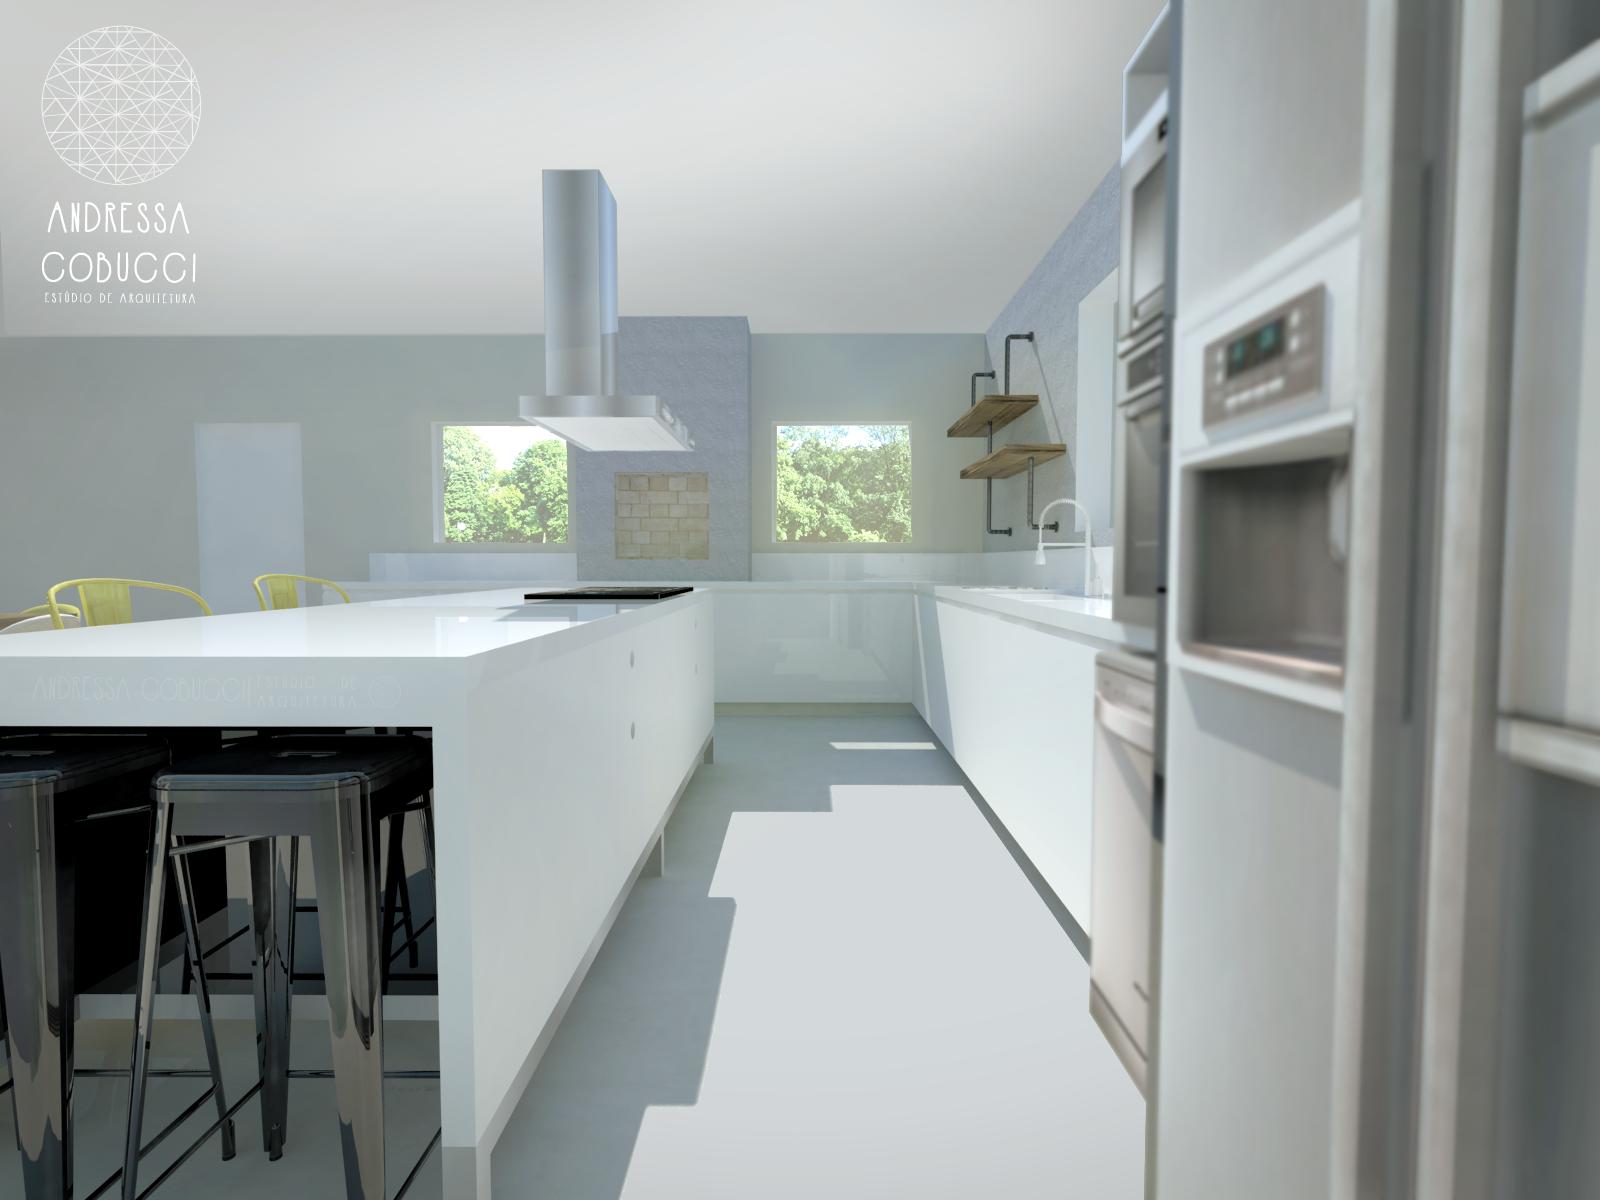 A Ilha Da Cozinha Abriga O Cooktop E Possui Ainda Um Nicho Para